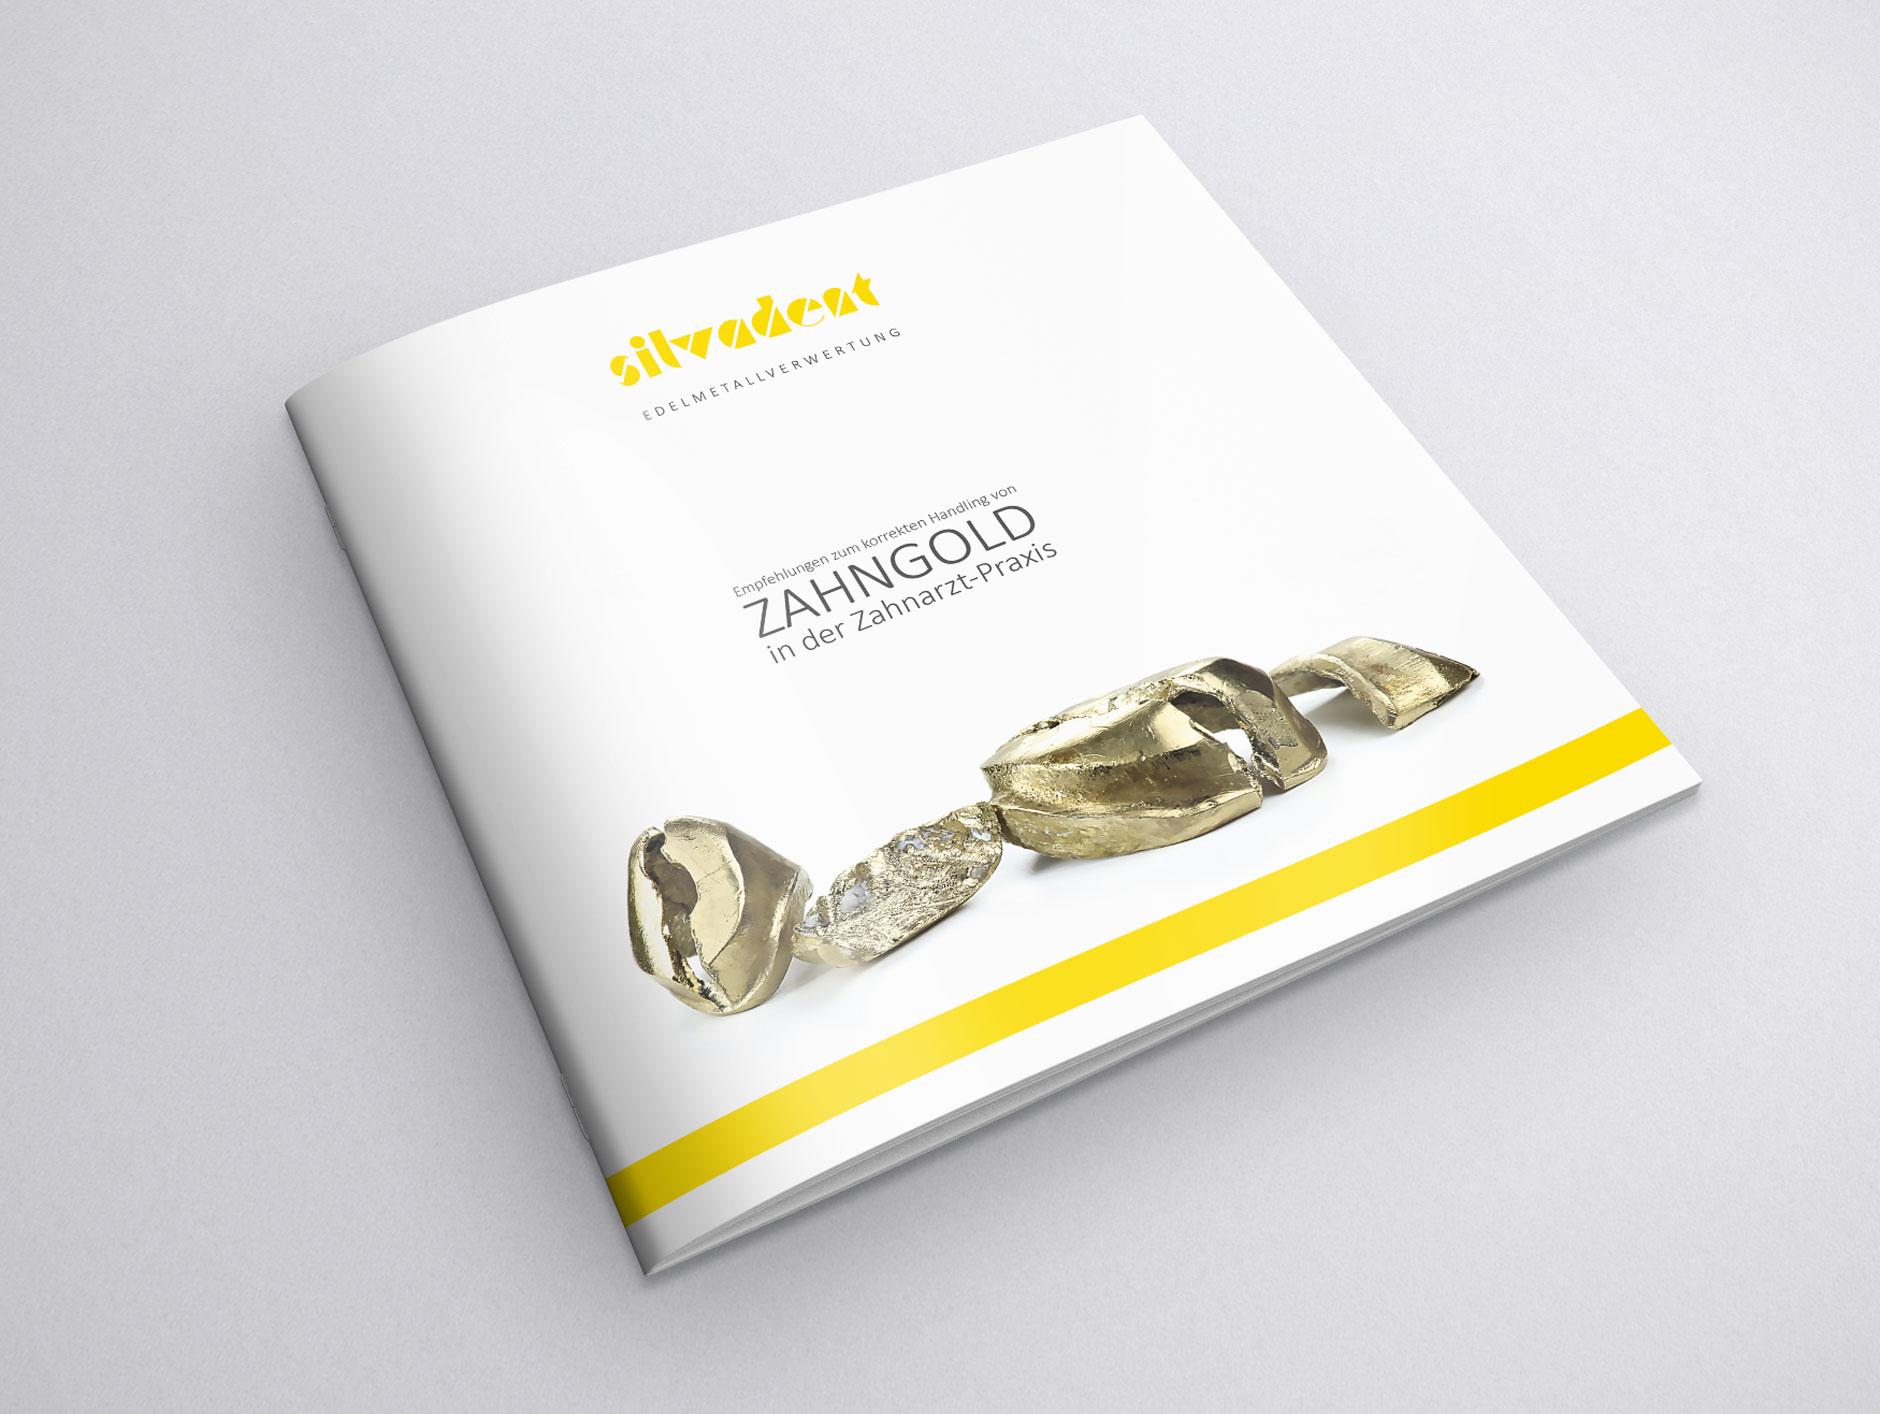 silvadent broschuere infoflyer zahngold altgold q4 1-Broschüre Silvadent